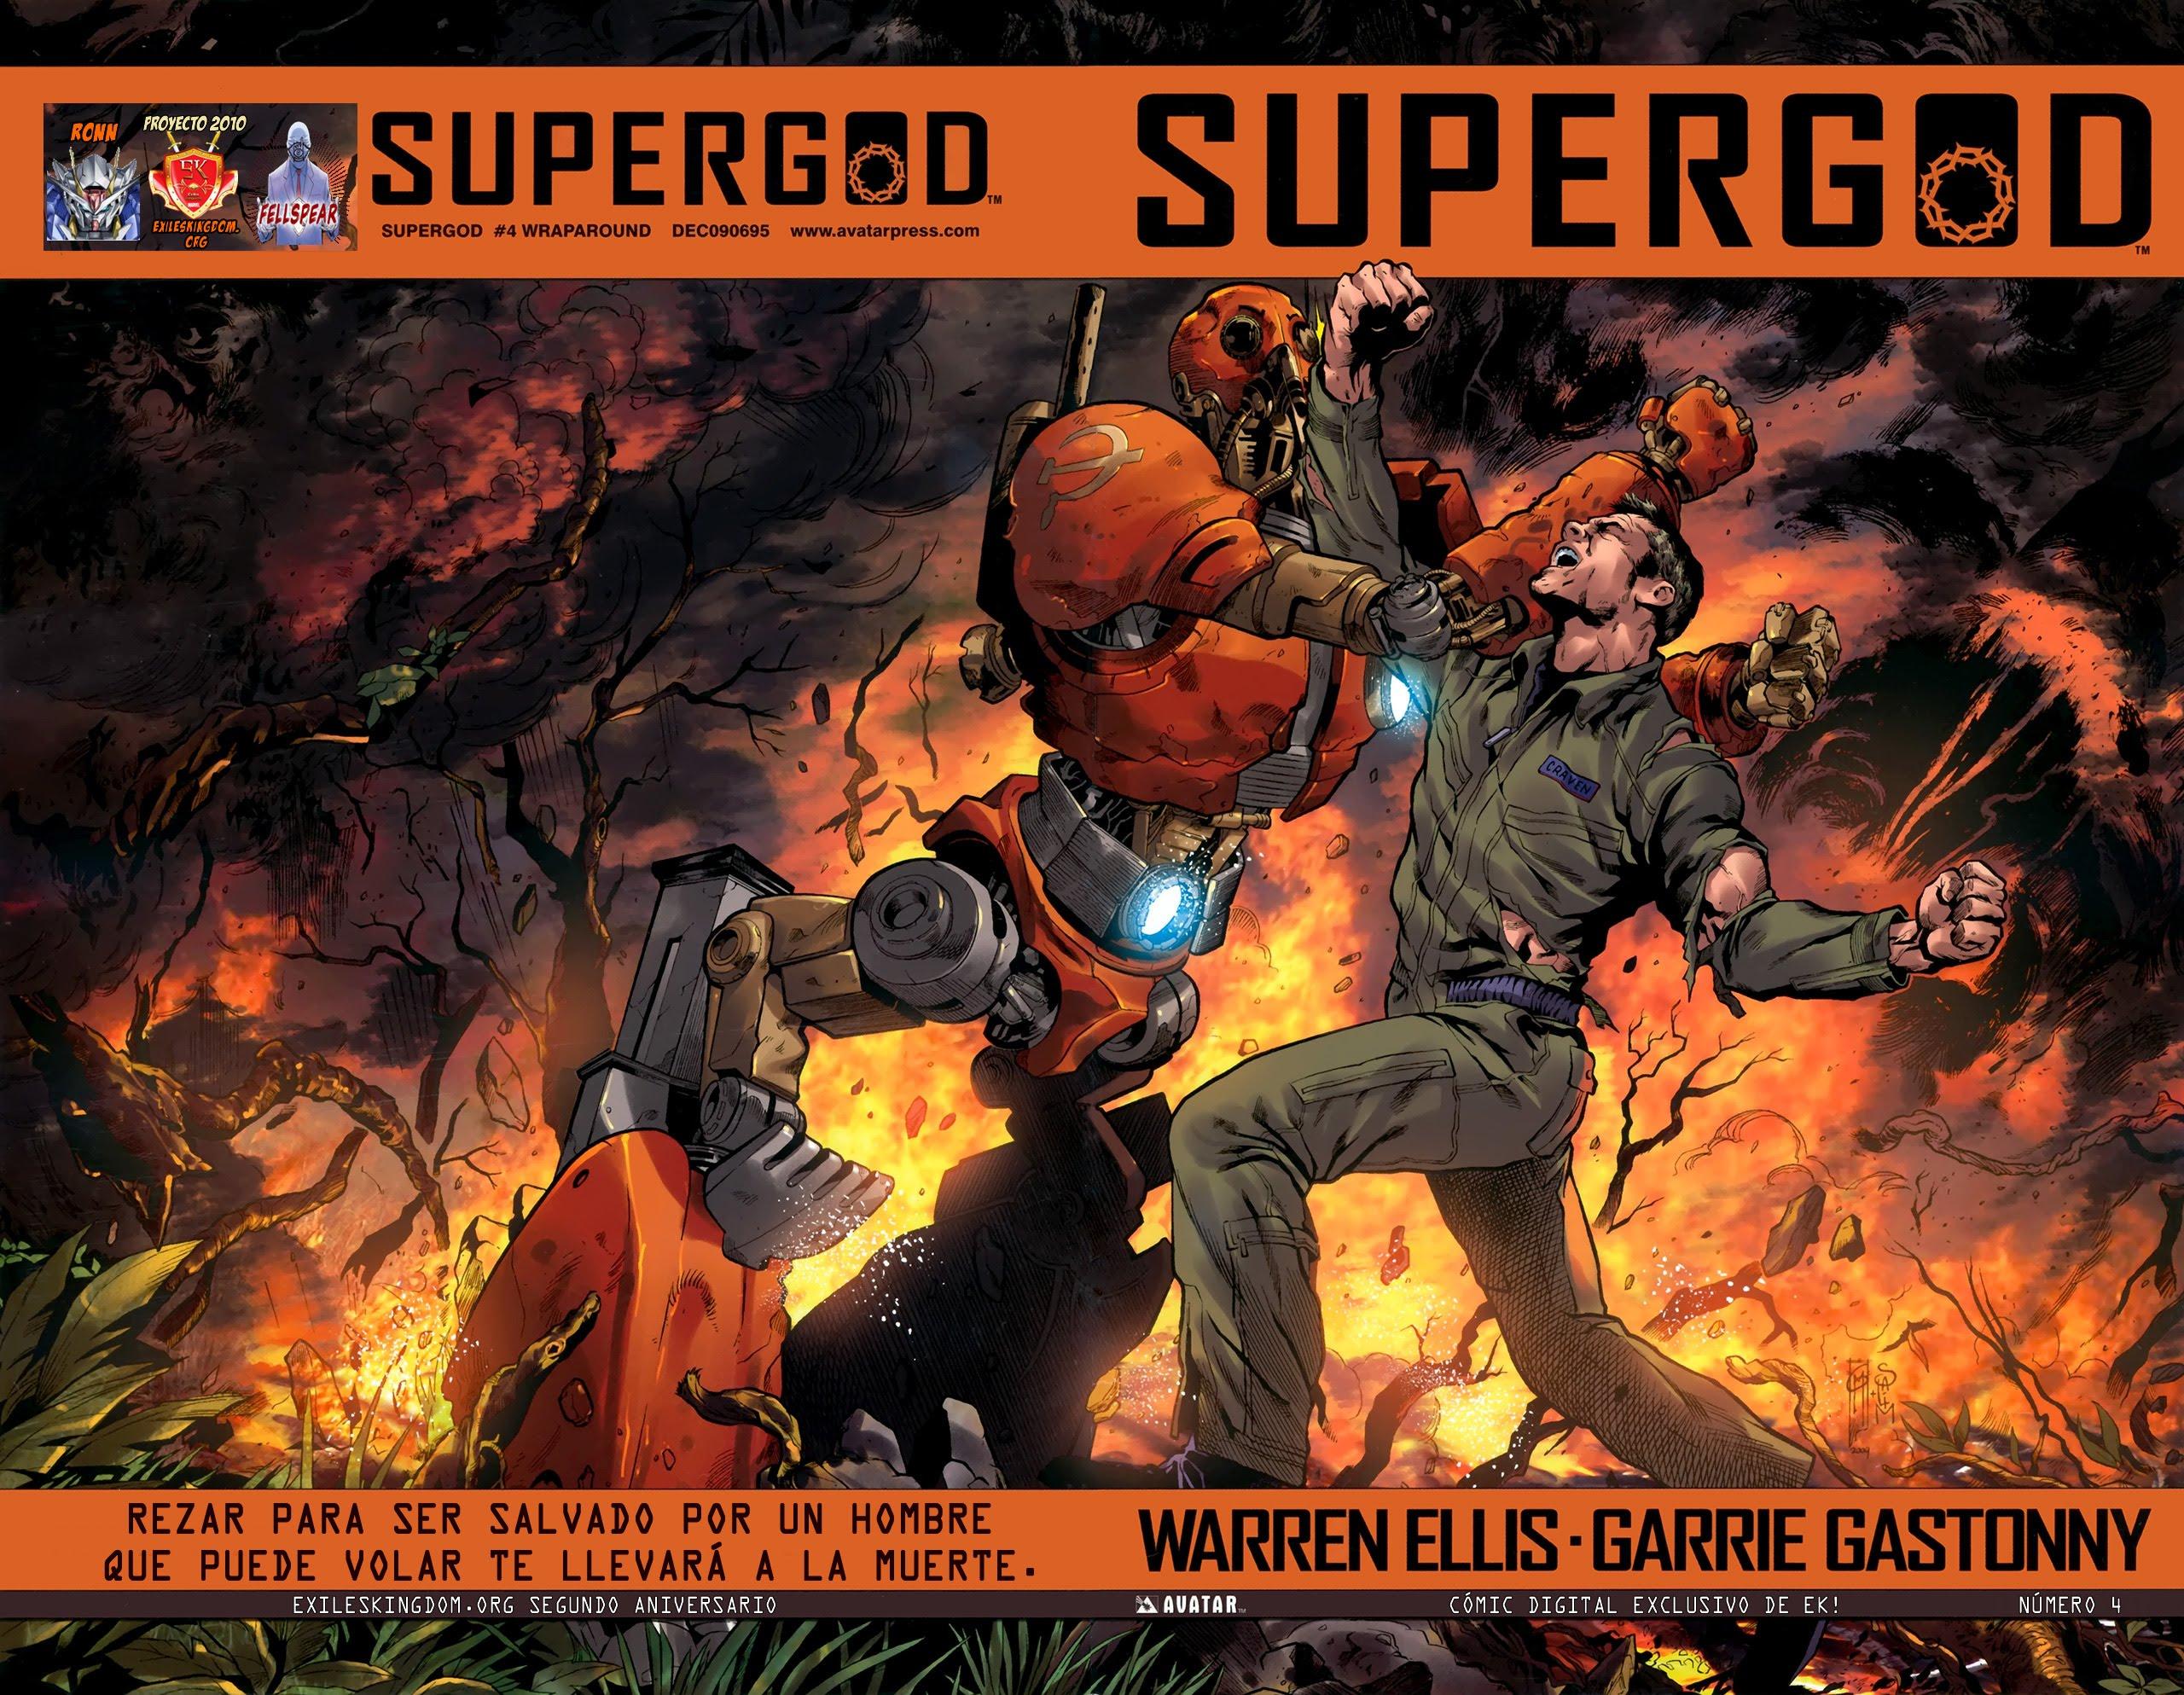 Supergod HD wallpapers, Desktop wallpaper - most viewed